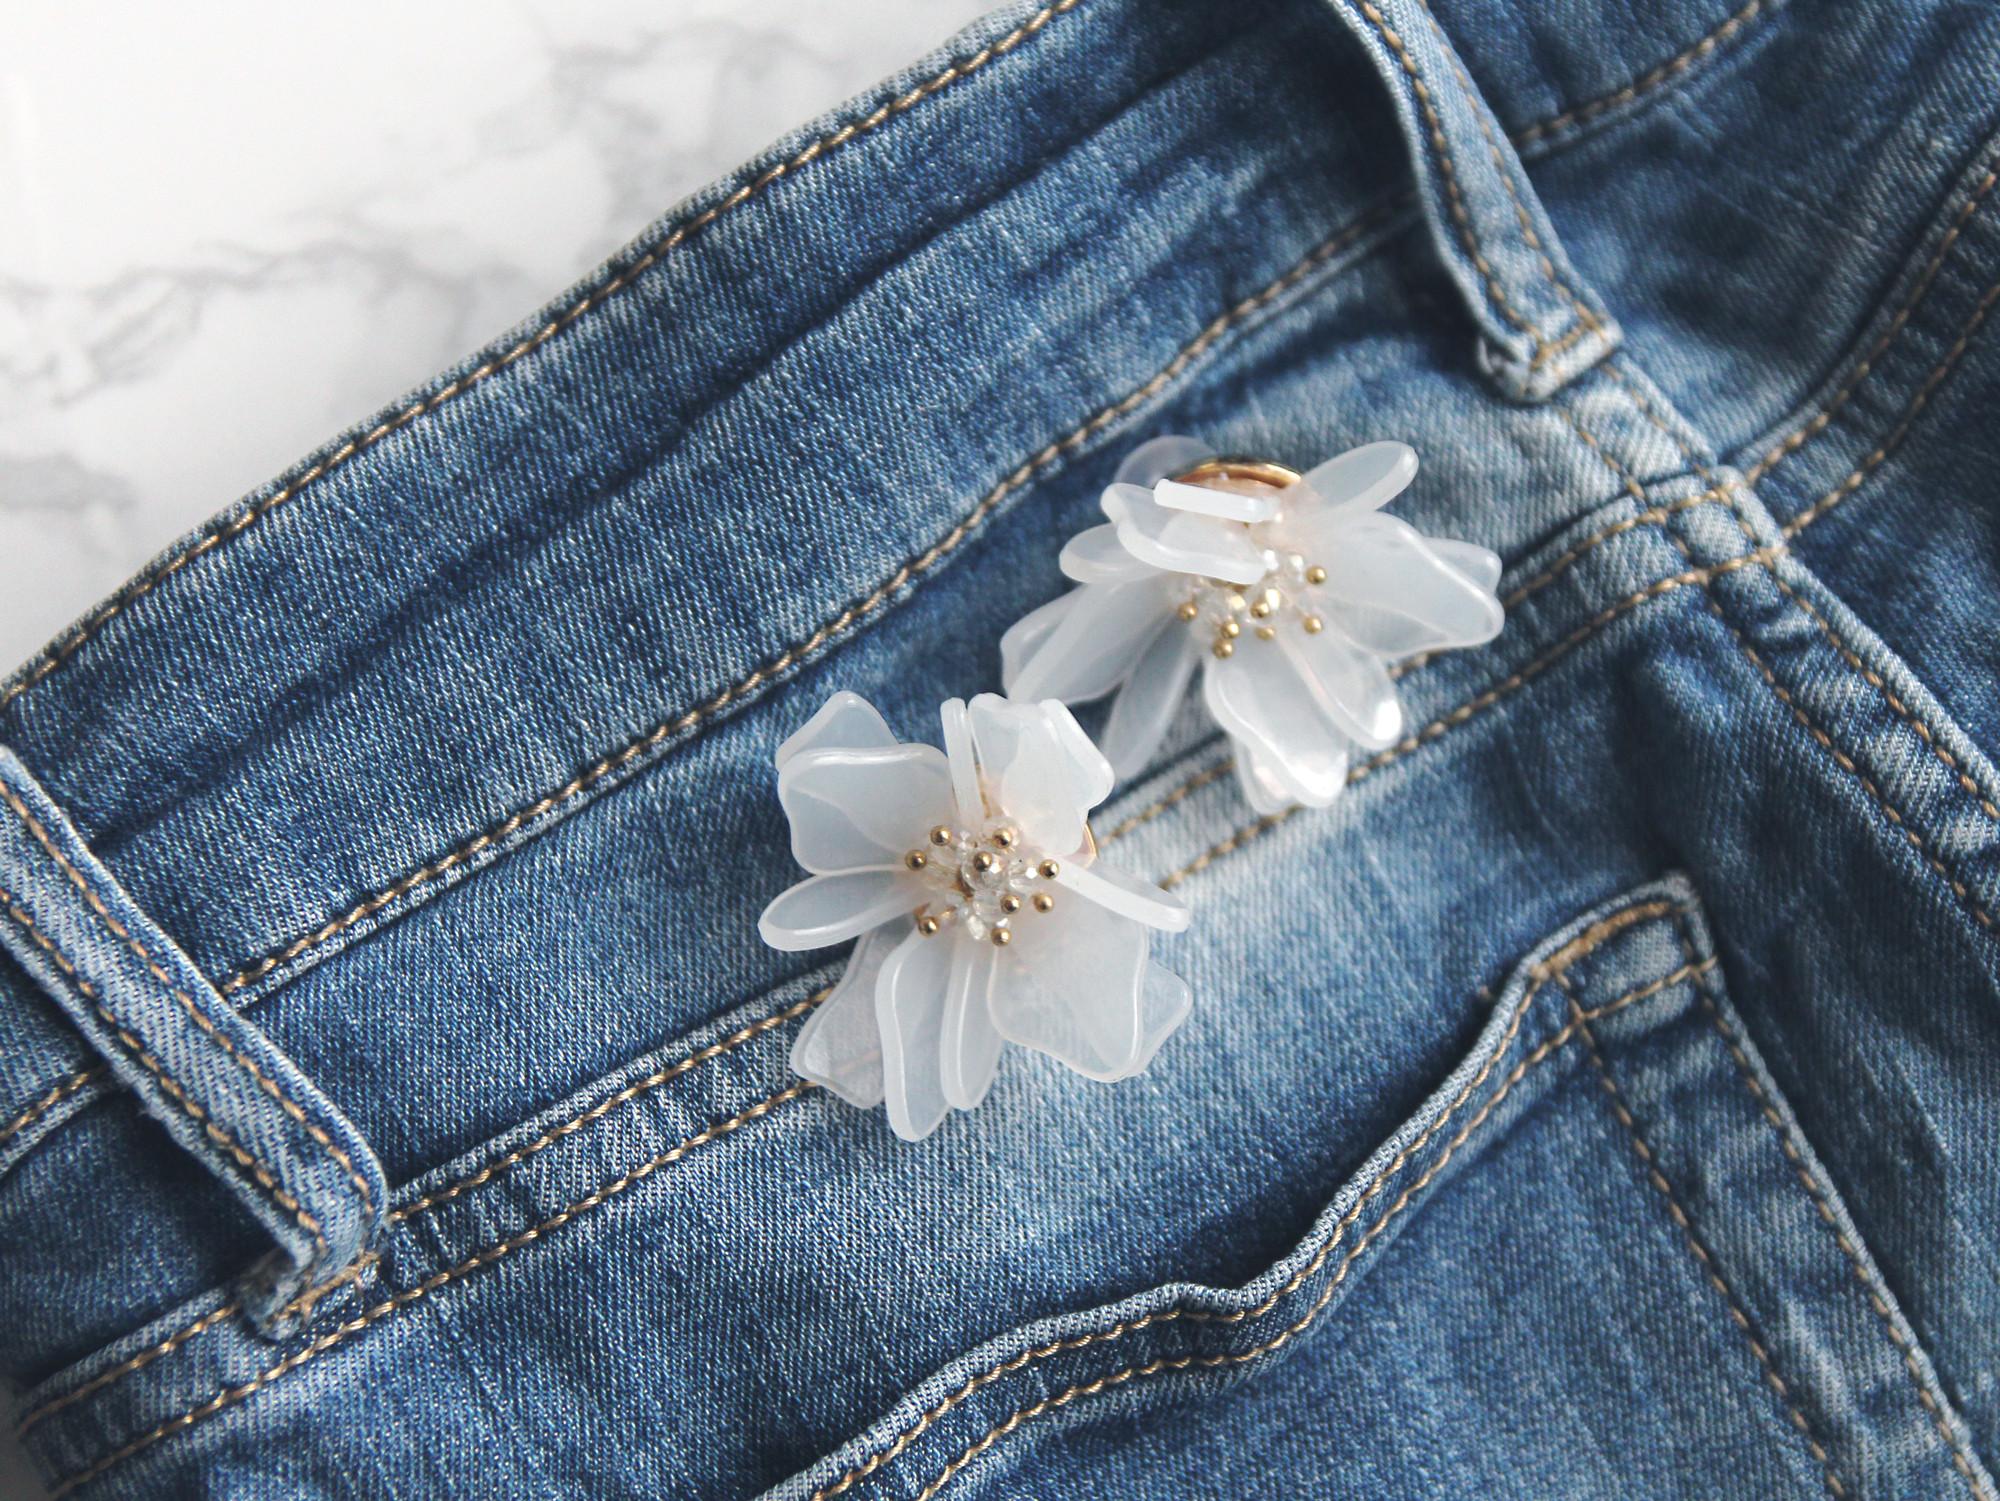 耳元にお花が咲いたっ♡大きなアクリルフラワーが最高に可愛い、ホワイトフラワーピアス